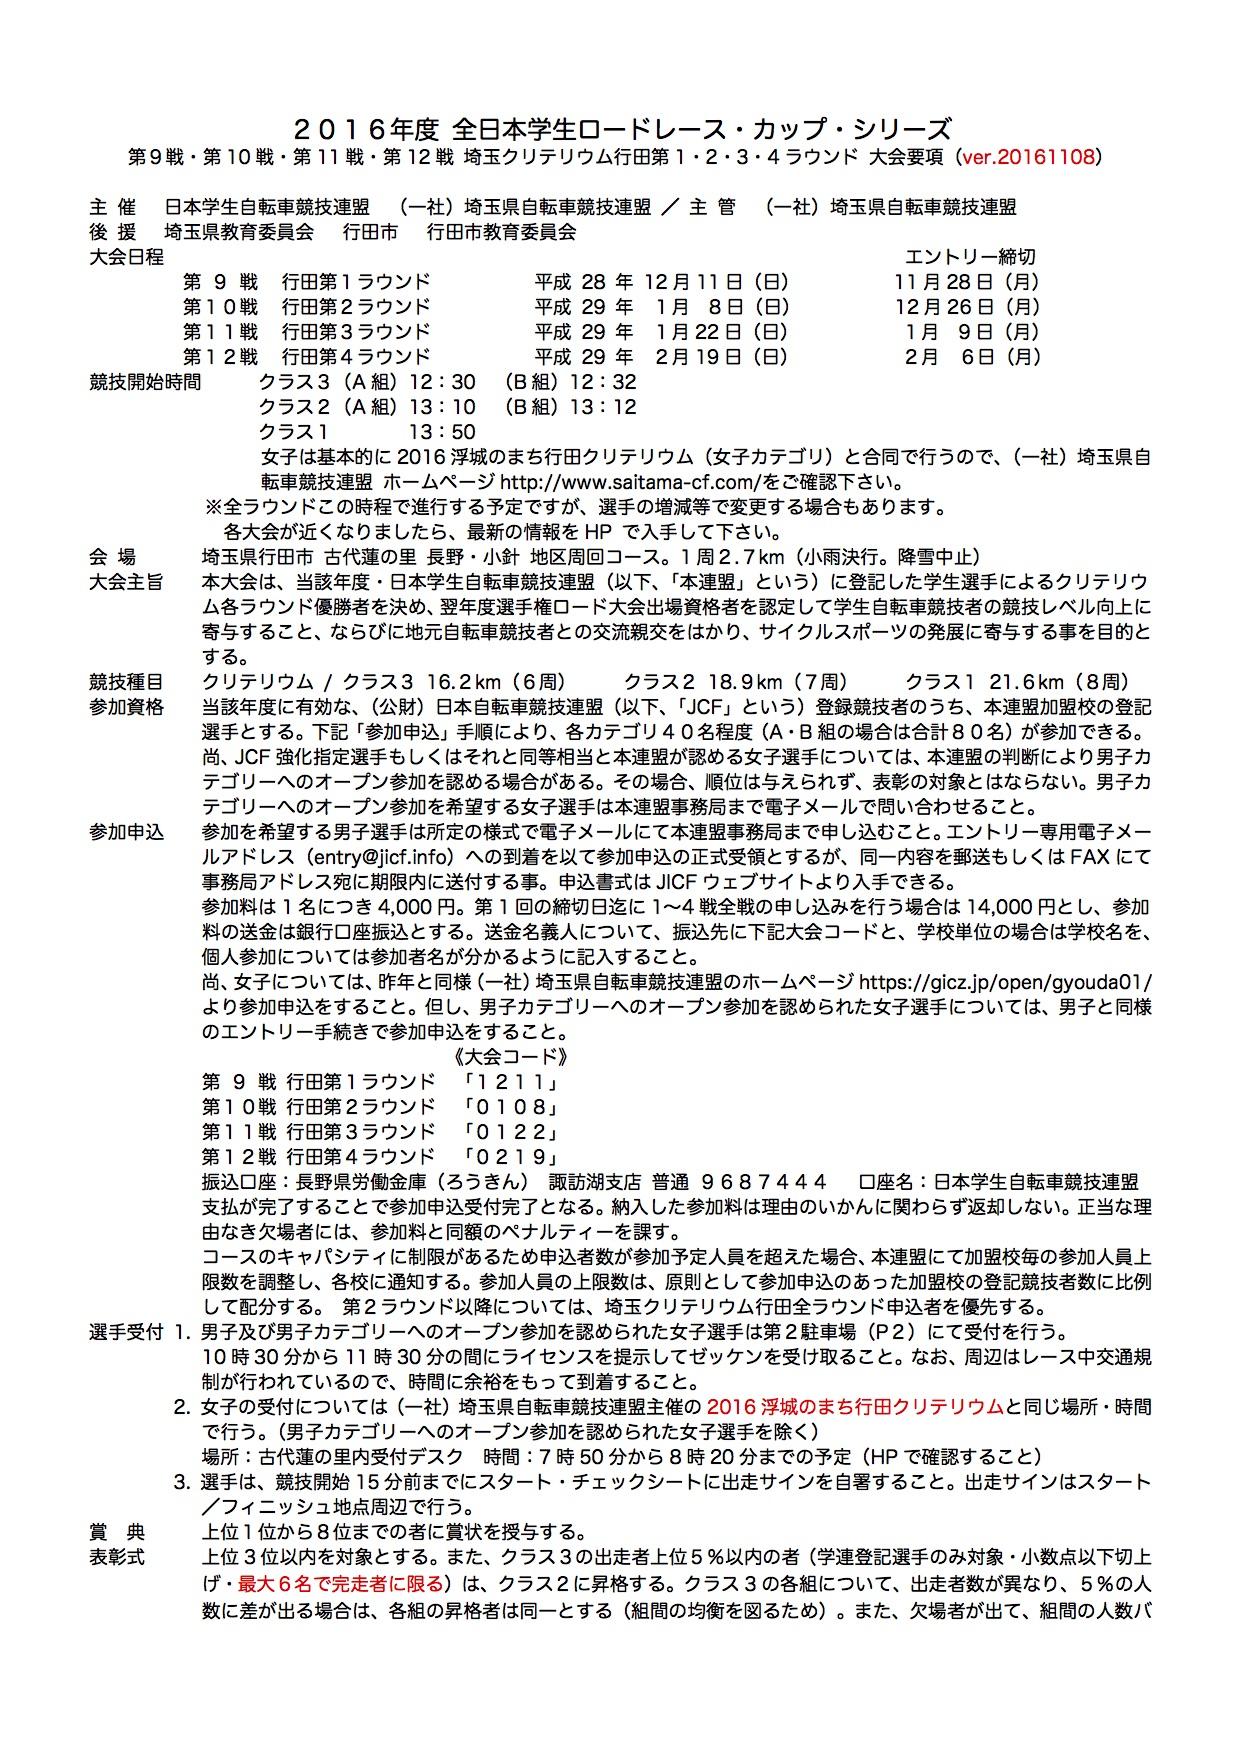 16rcs9_10_11_12_yoko_161108_01